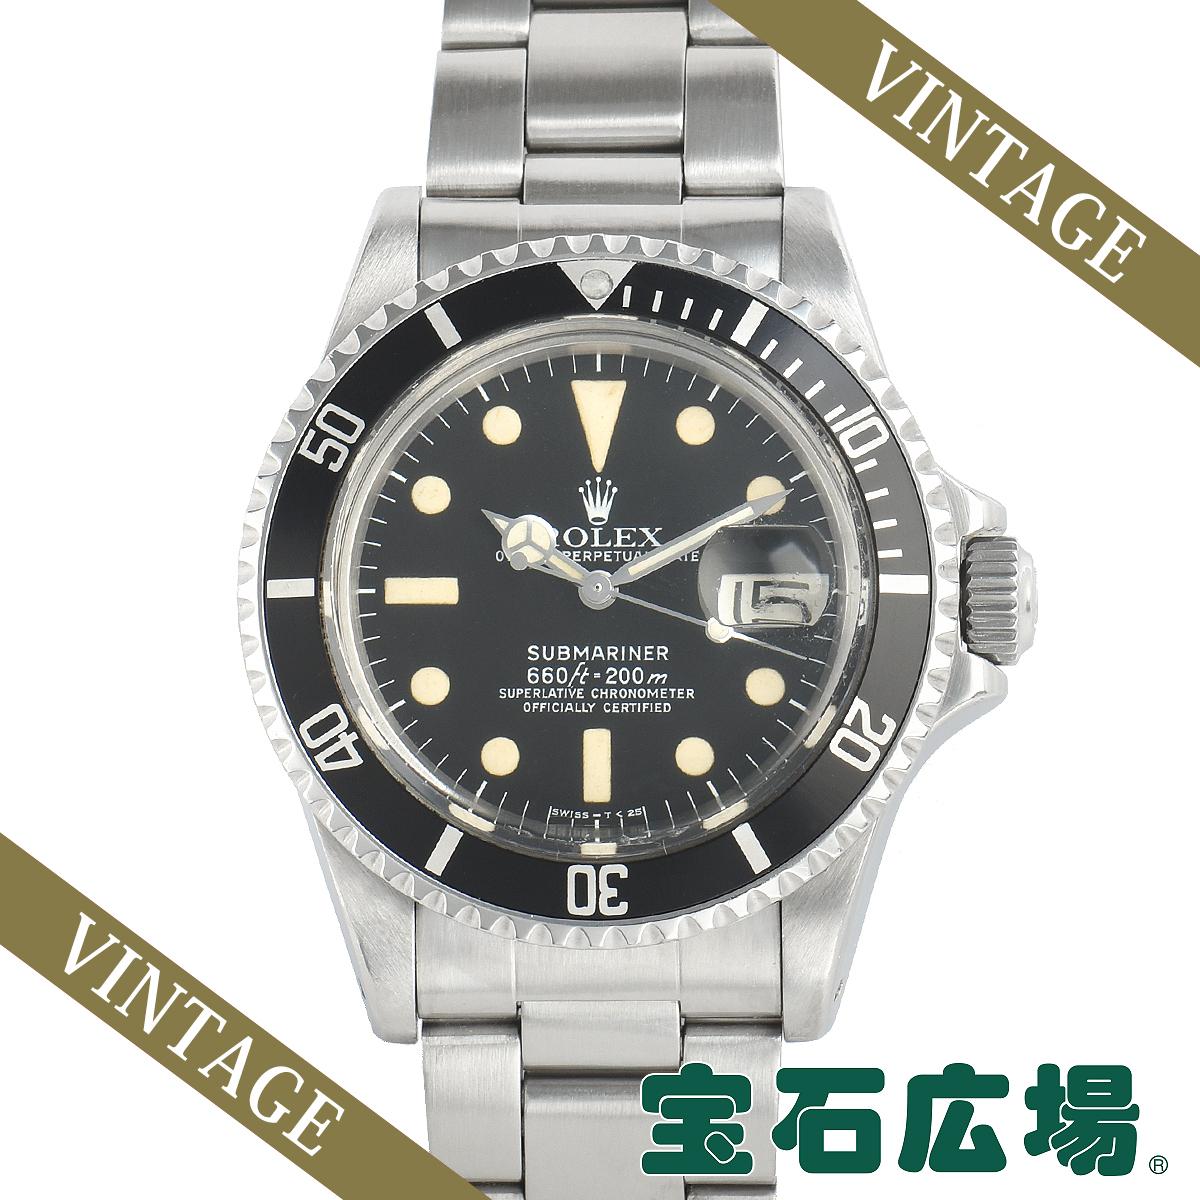 ロレックス ROLEX サブマリーナーデイト 1680【中古】メンズ 腕時計 送料無料